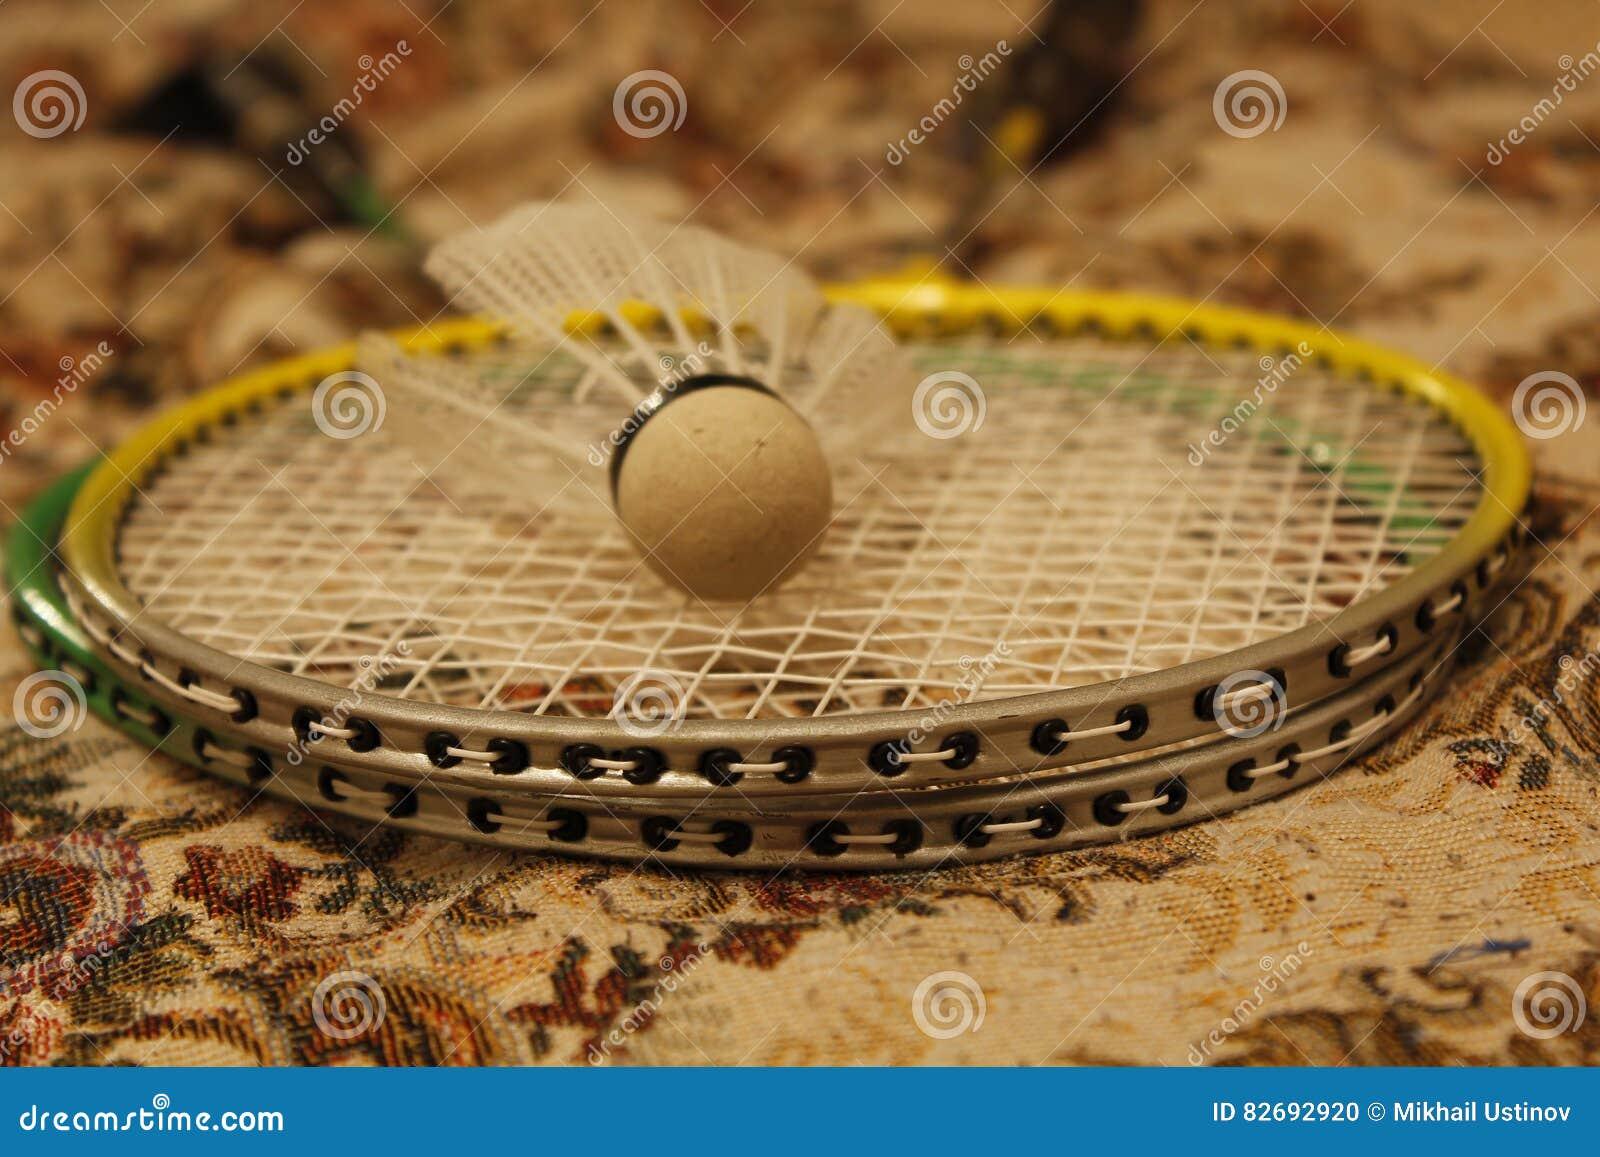 Badmintonracket och shuttlecock